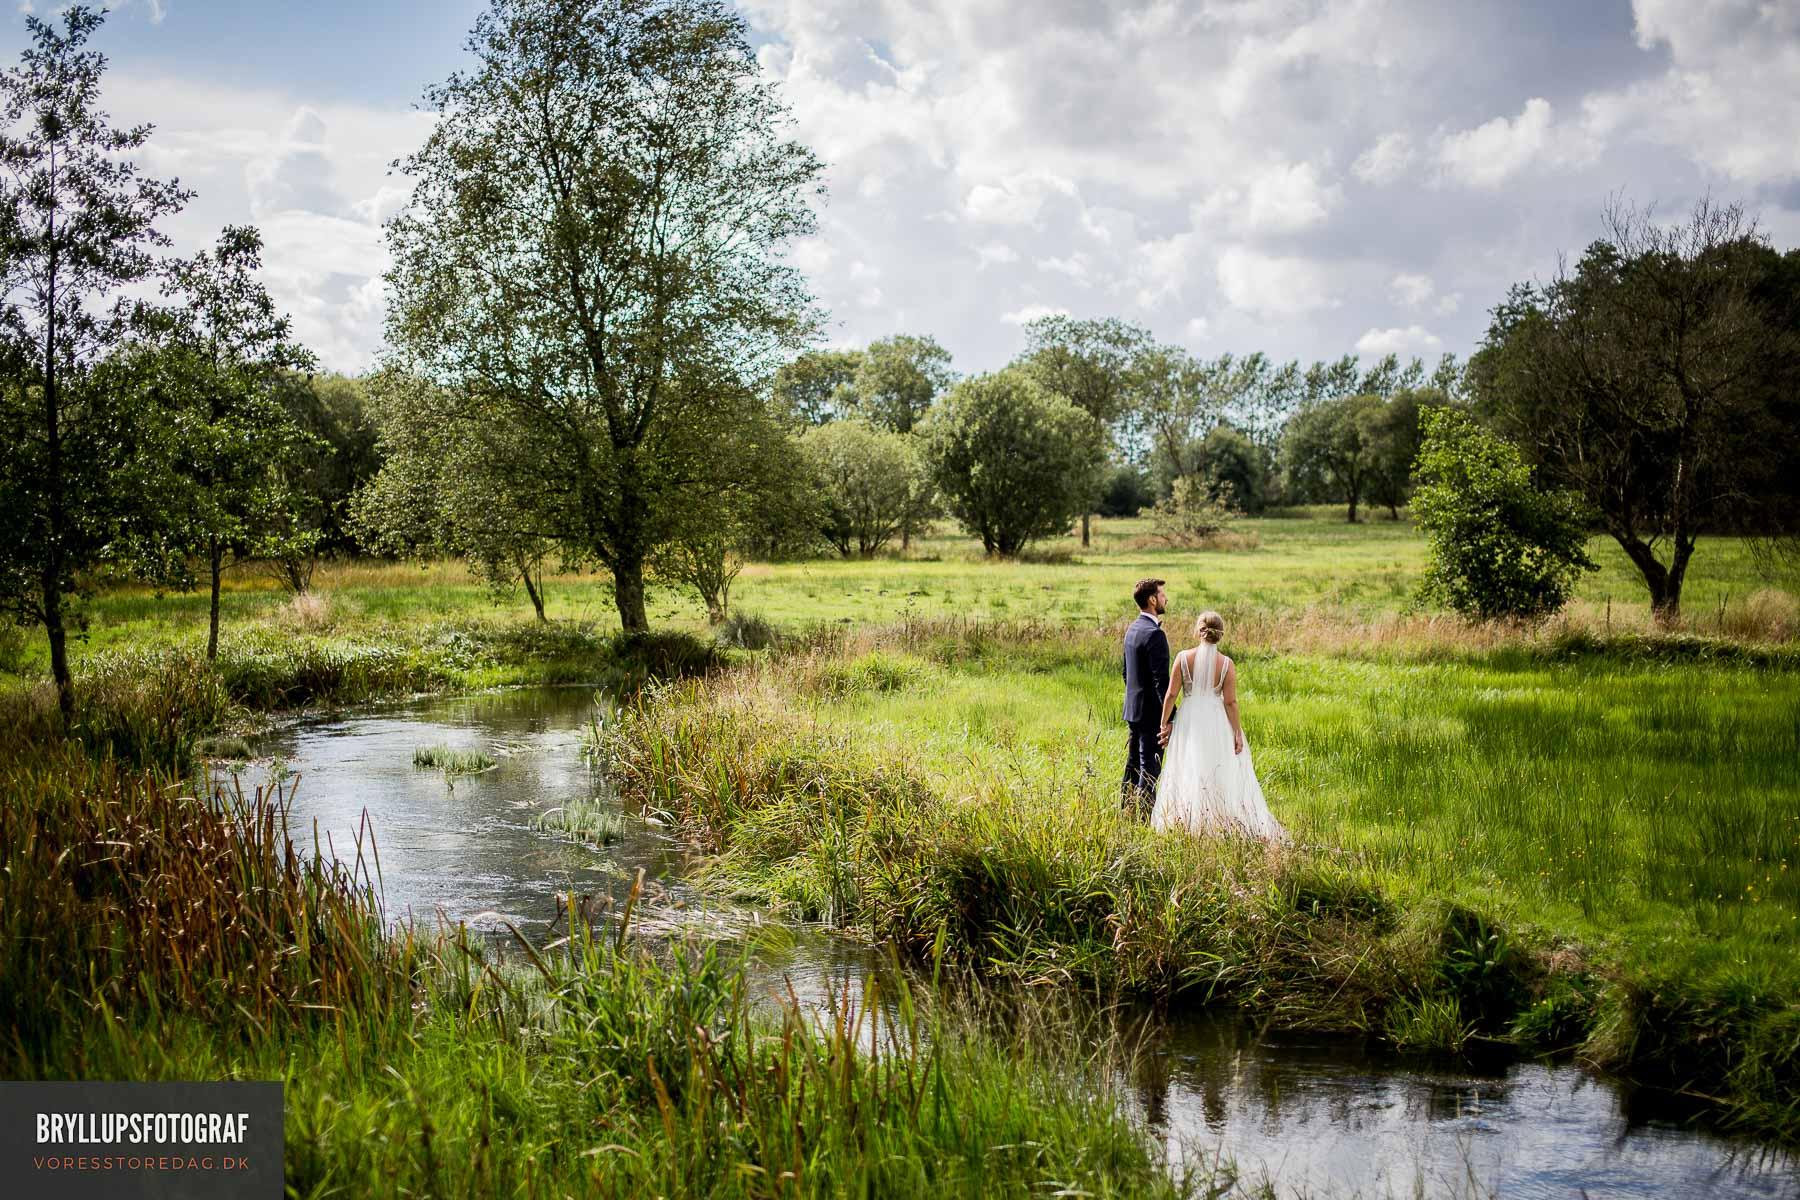 Se de førende bryllupsfotografer i København. Book din bryllupsfotograf her og få taget de flotteste bryllupsbilleder fra jeres romantiske bryllup.